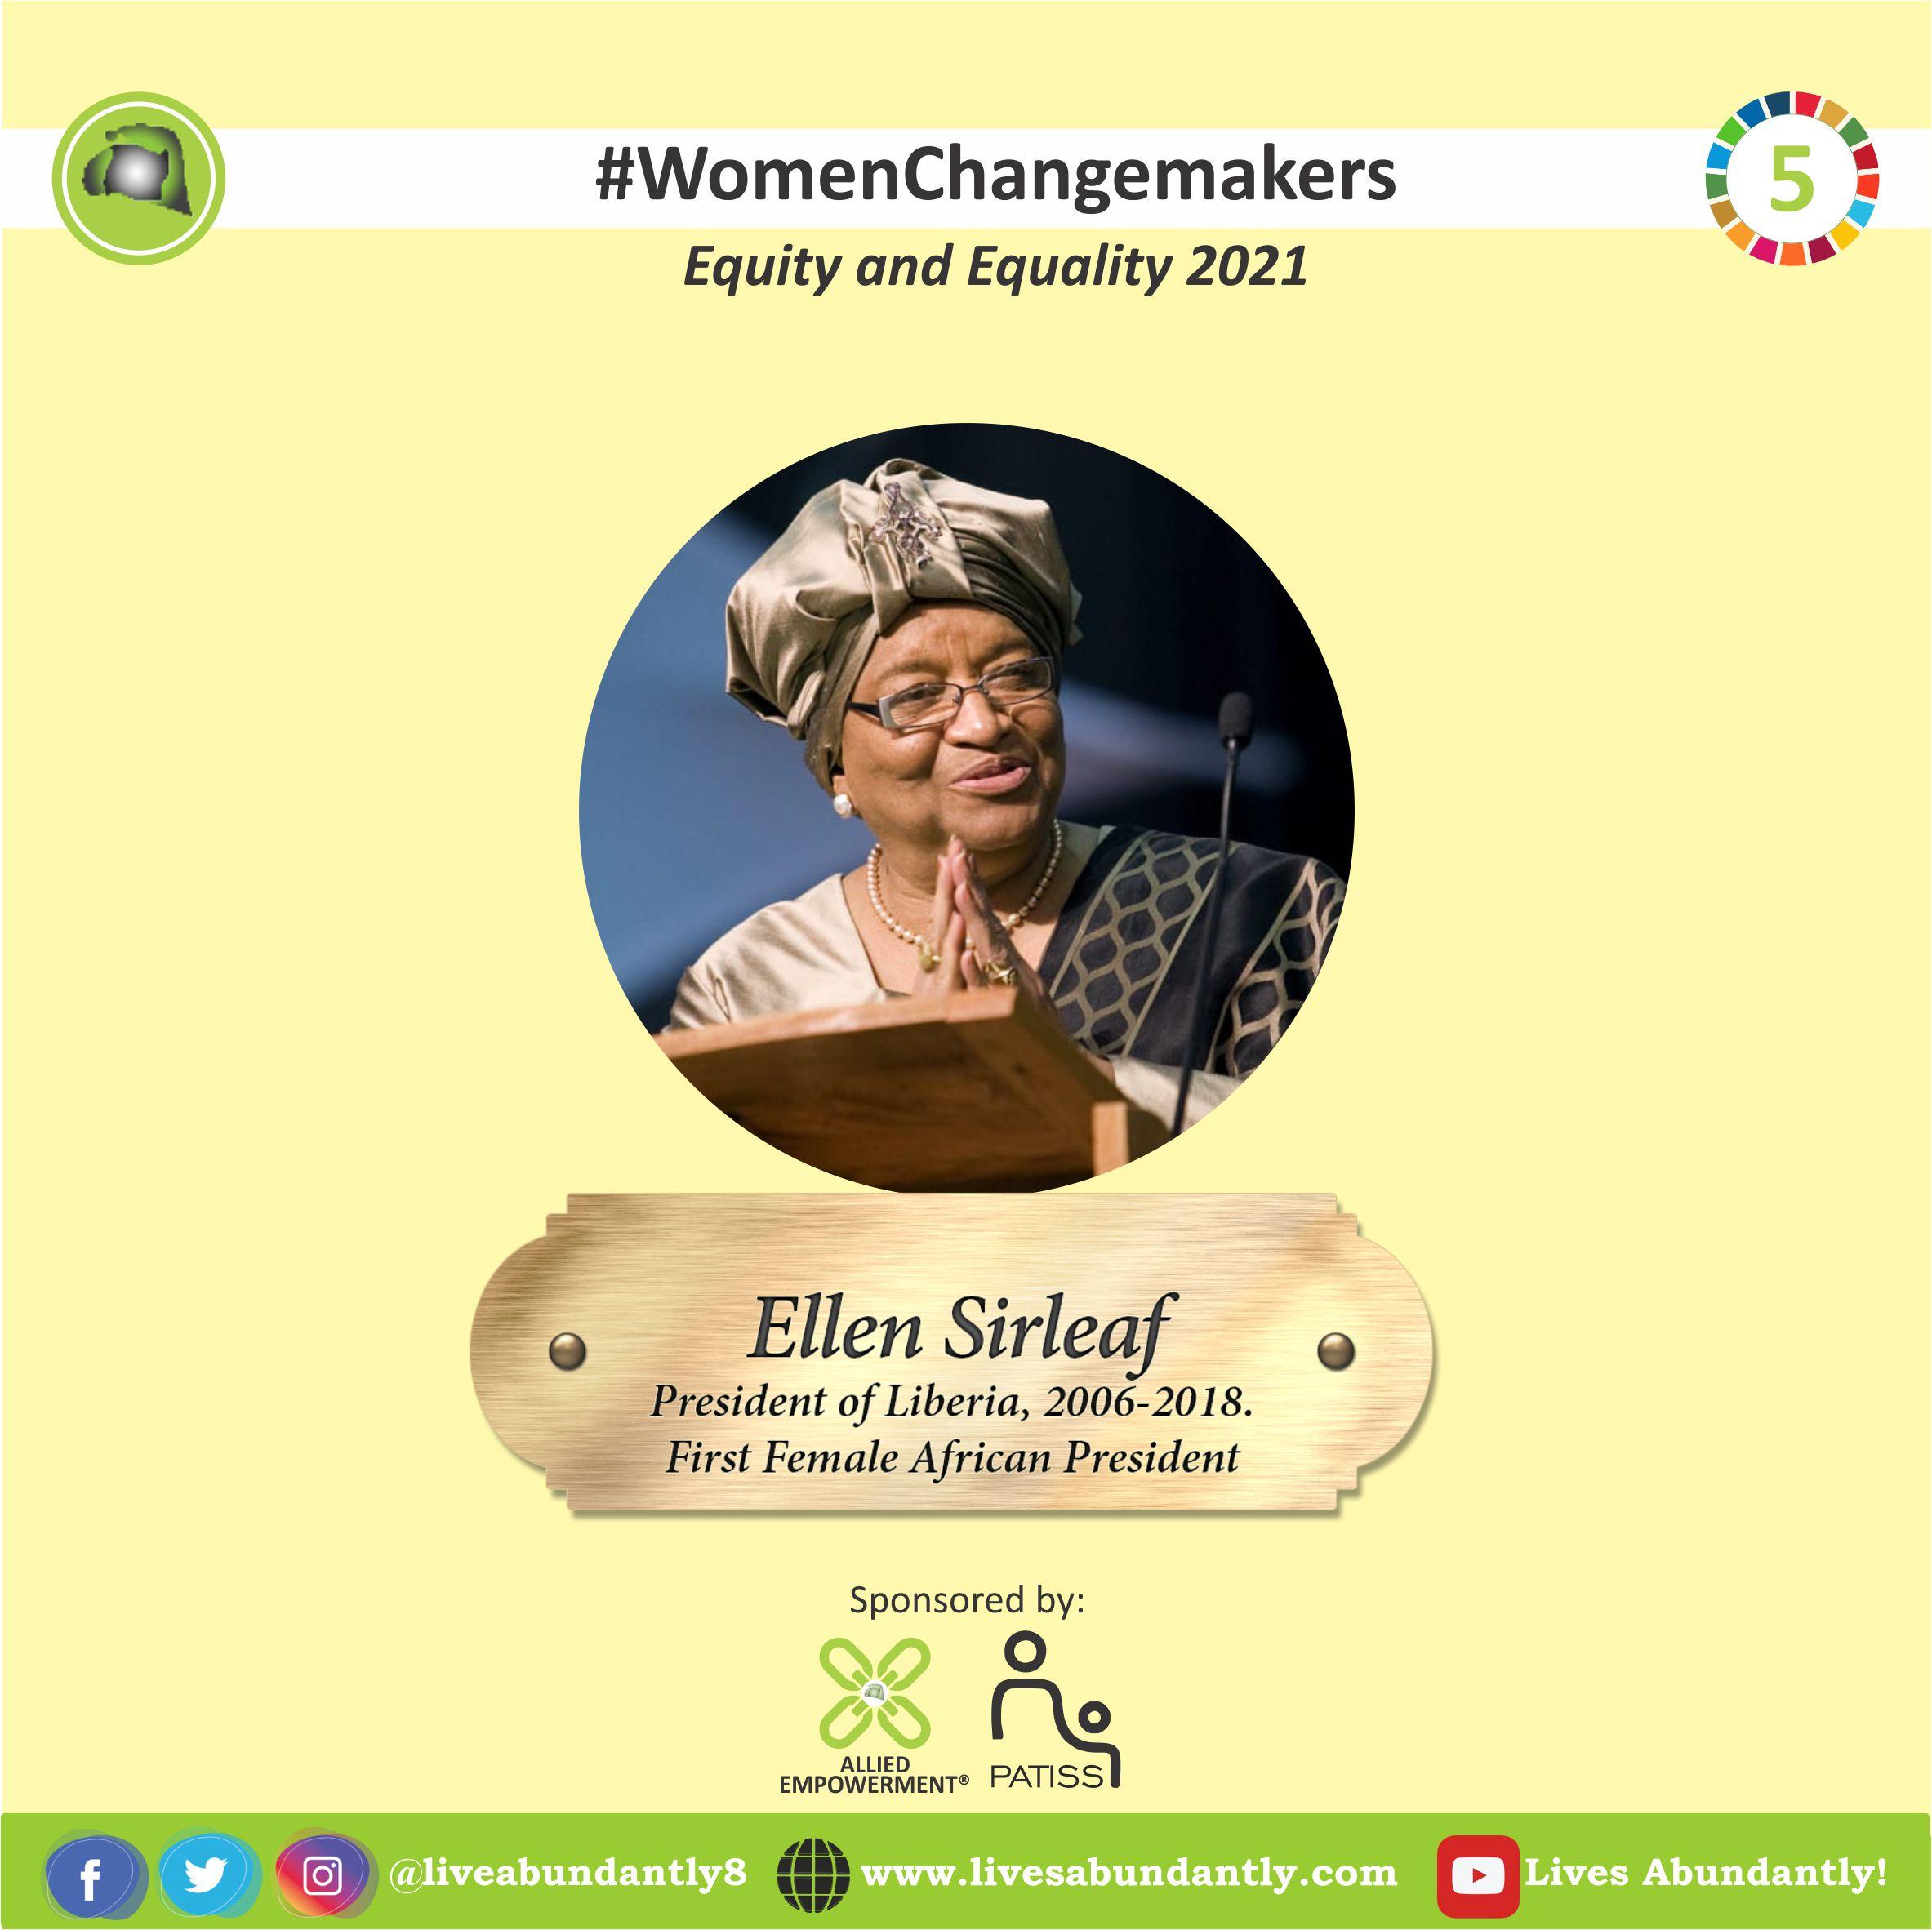 Ellen Sirleaf